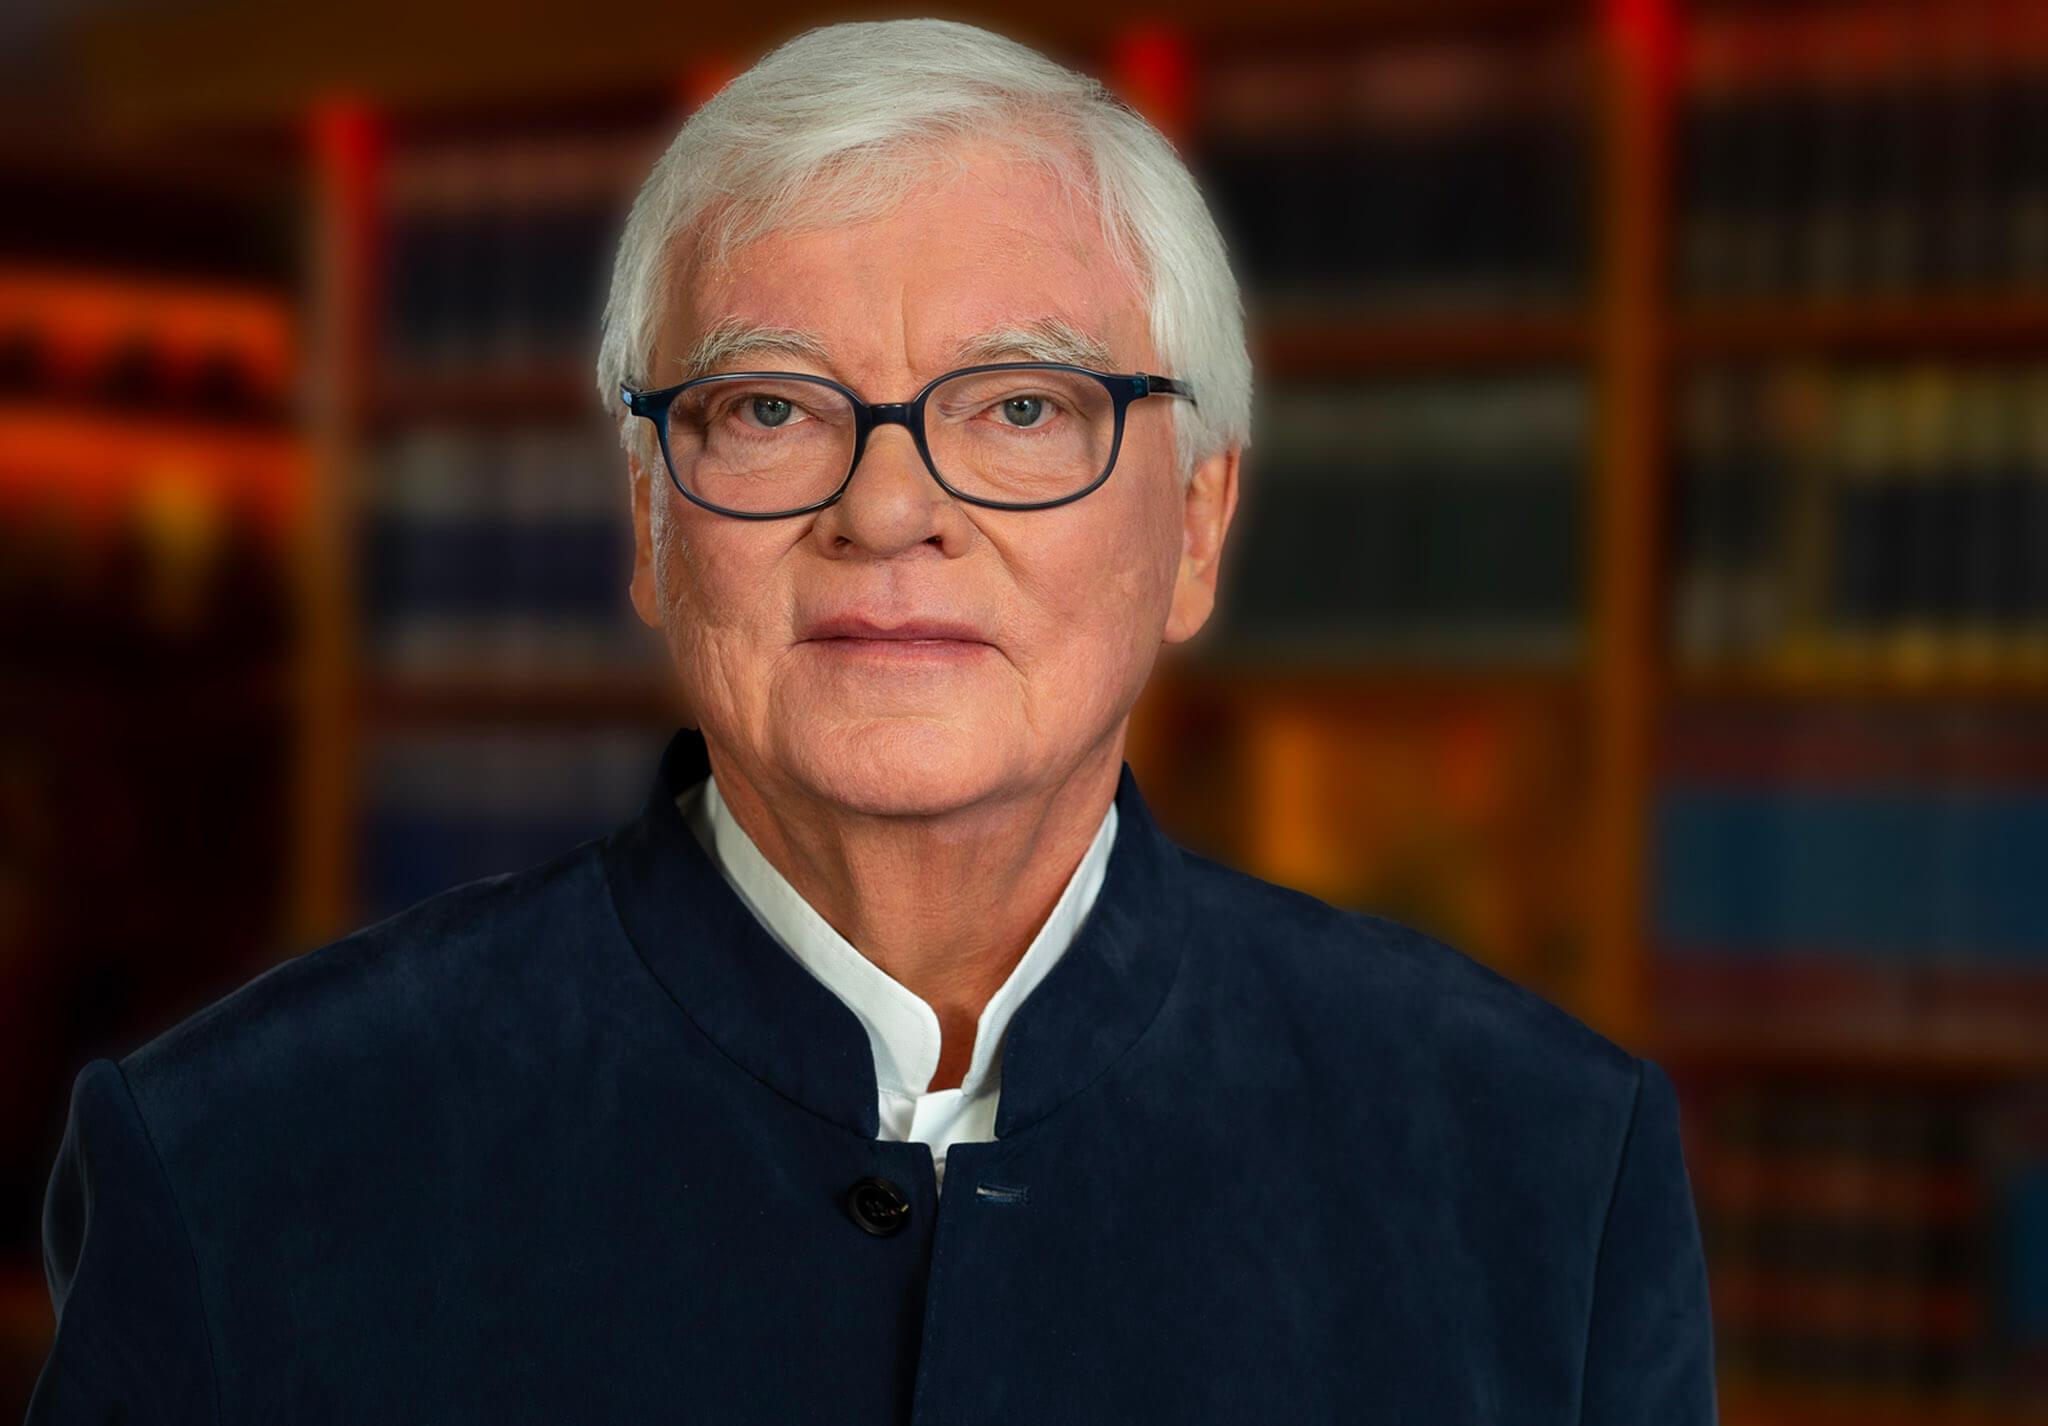 Prof. Bodo Hombach, Vorstandsvorsitzender der Brost-Stiftung